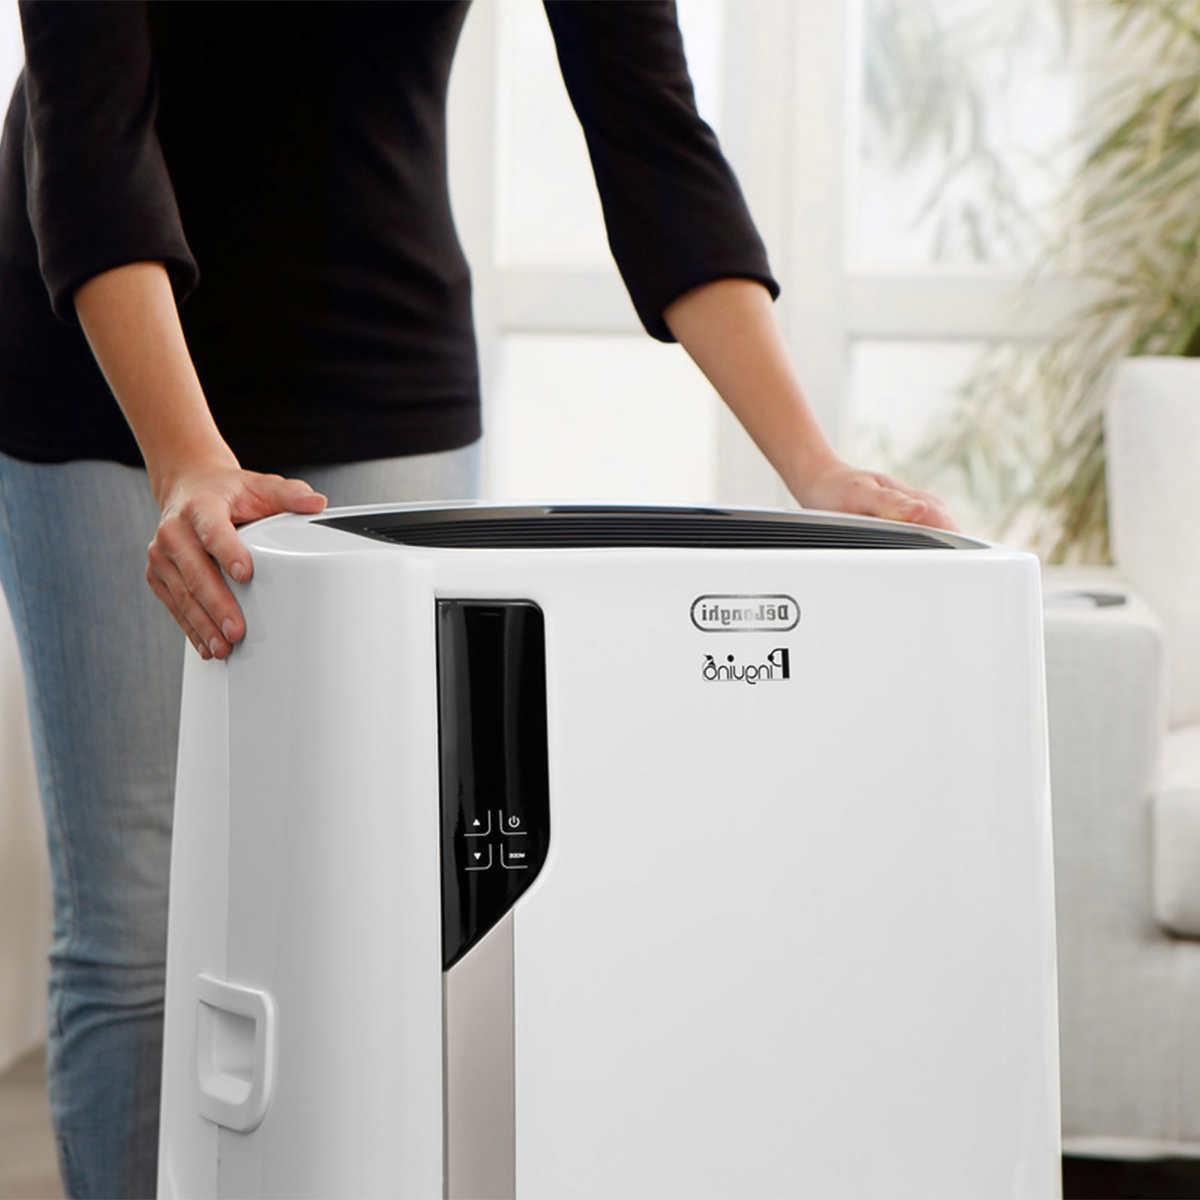 De'Longhi Pinguino 1 Air Conditioner, Heater,